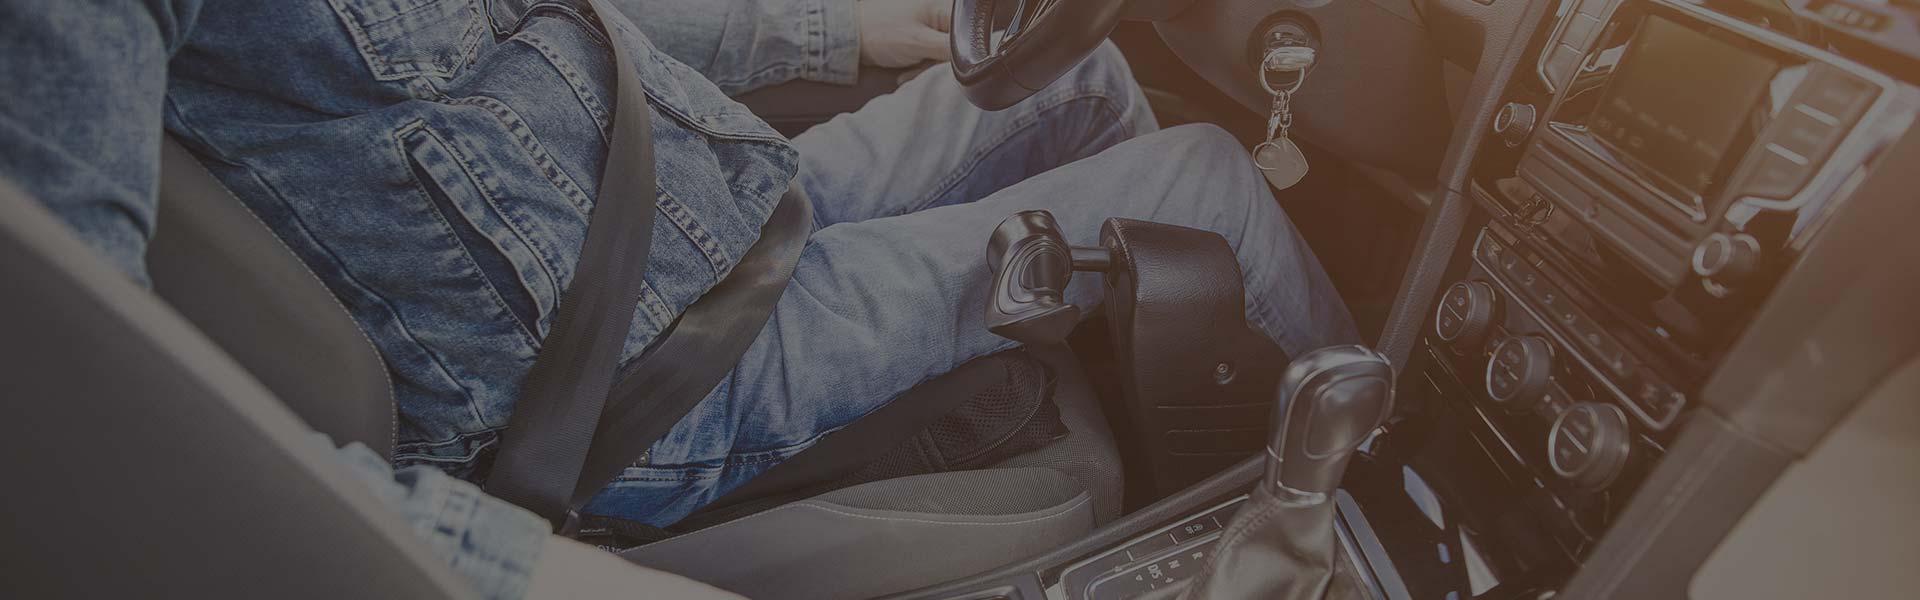 Adaptation véhicules mobilité réduite et utilitaire